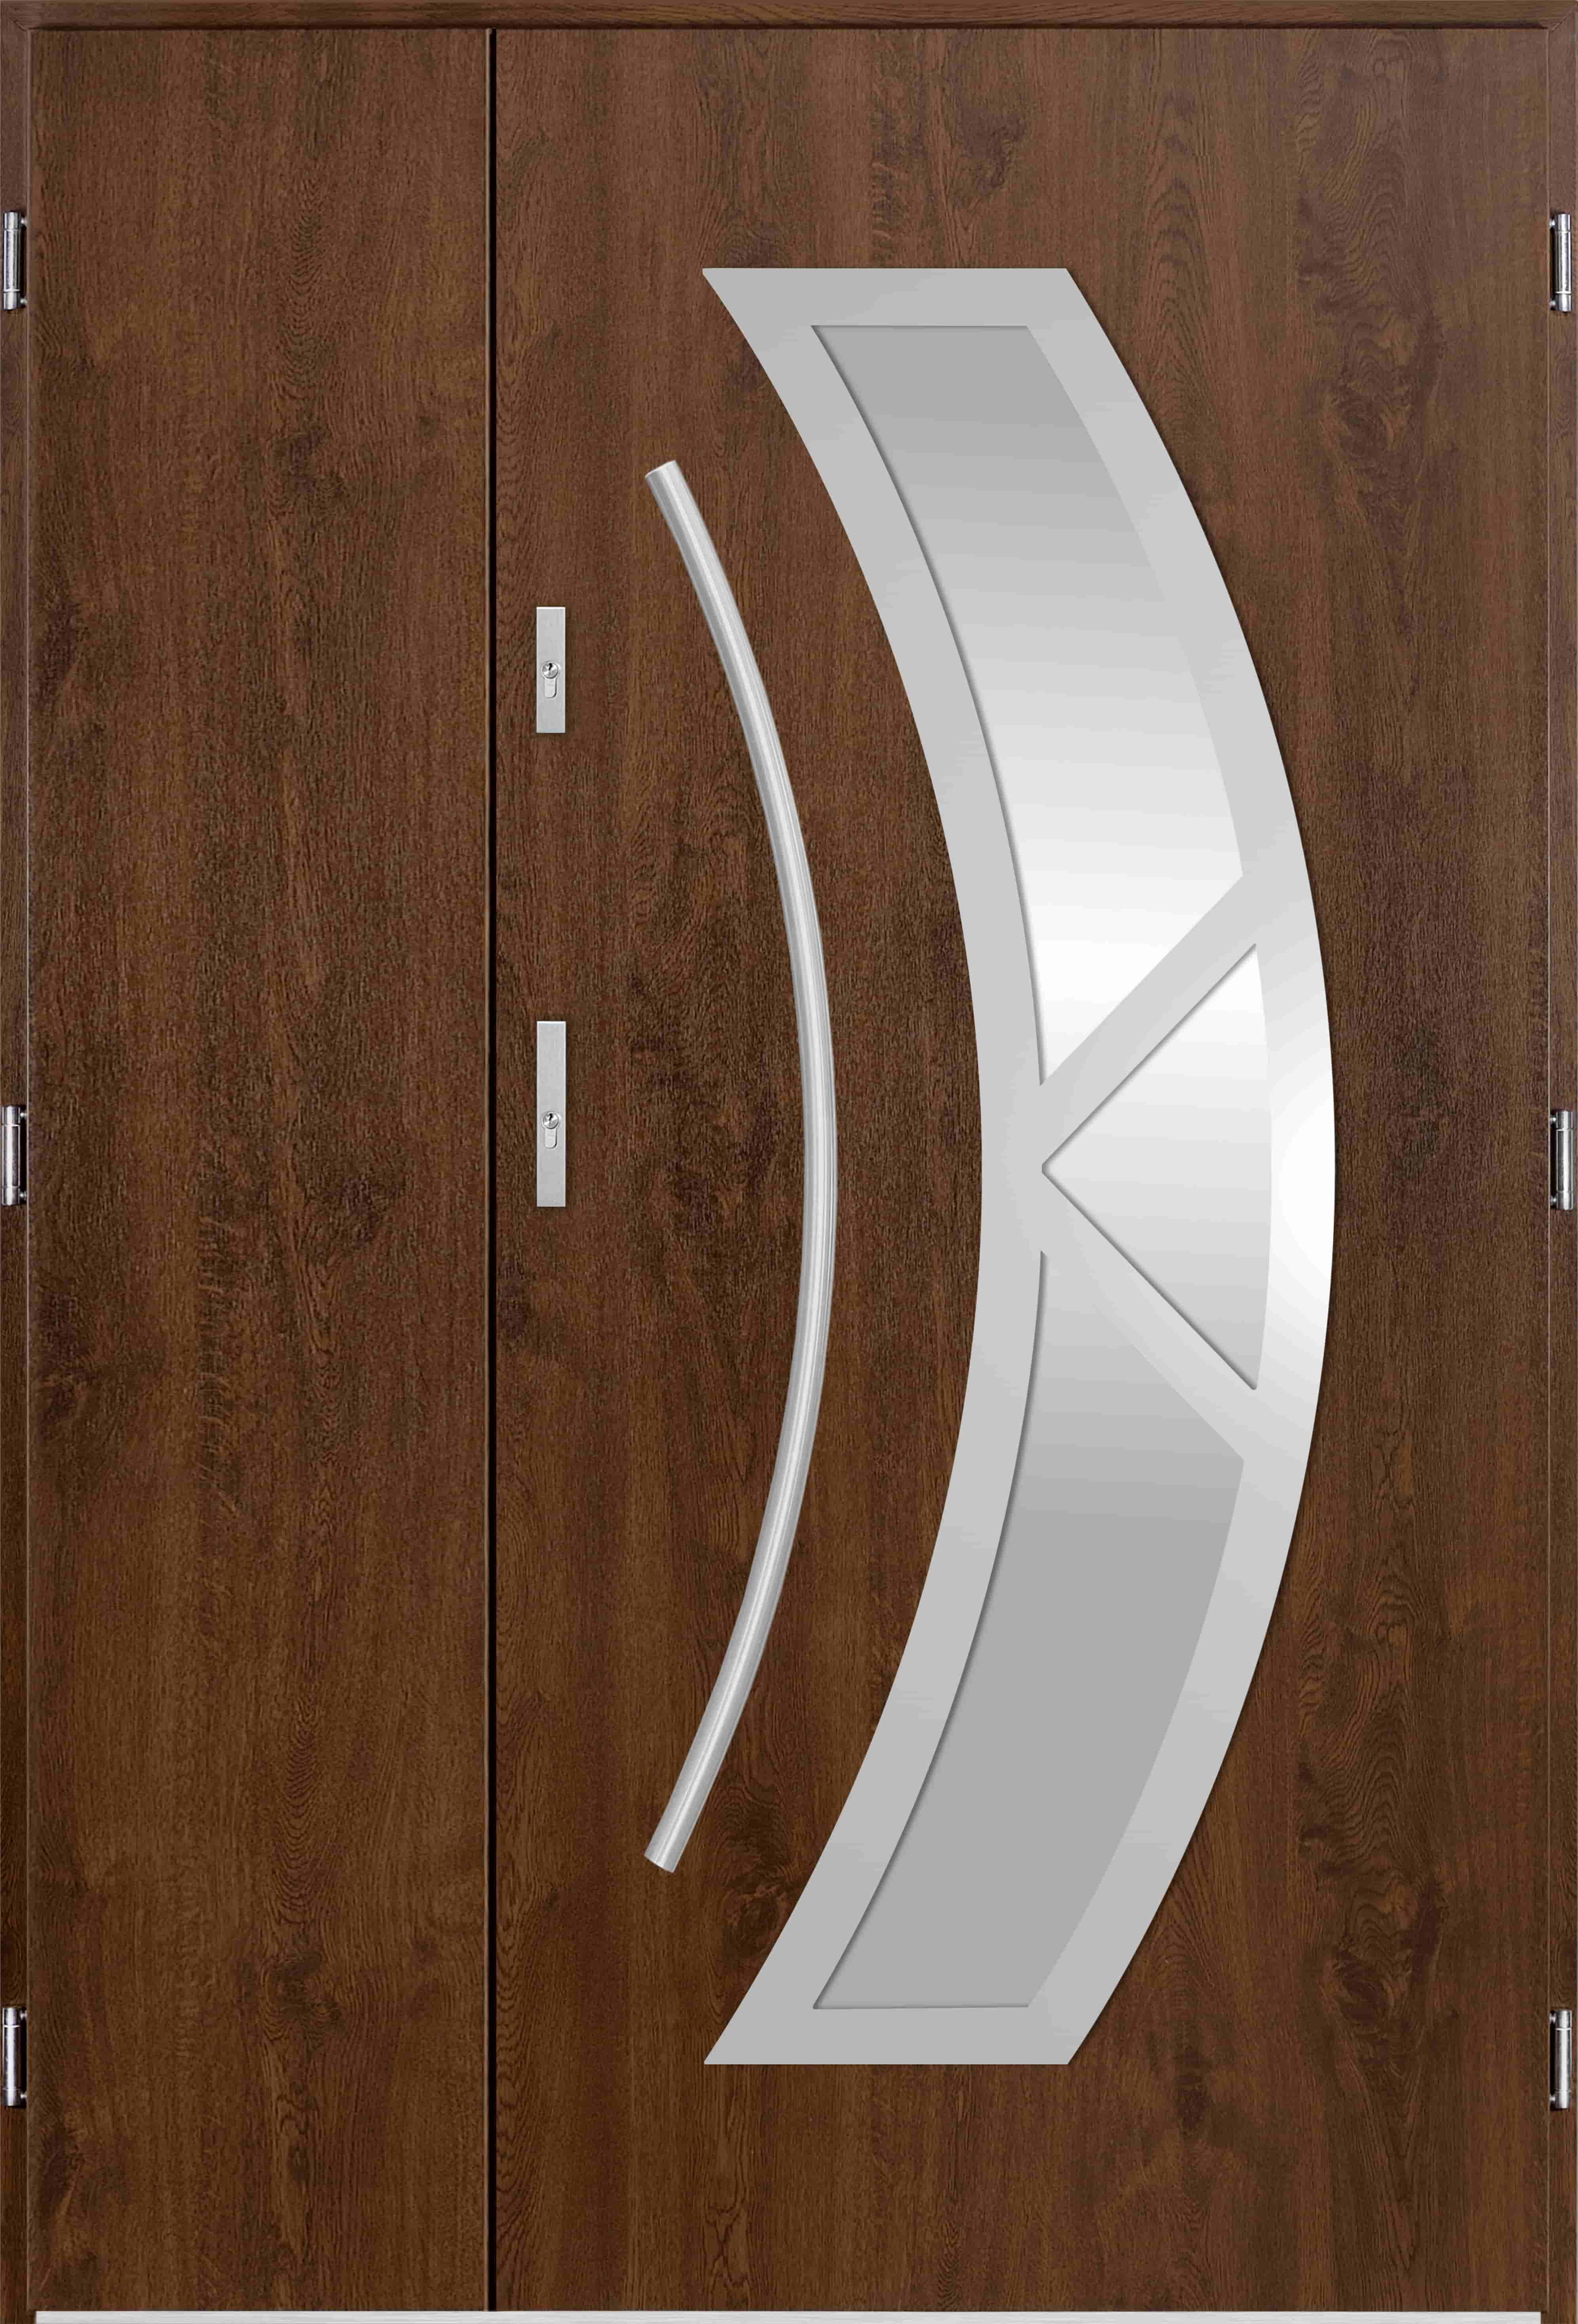 Dvoukøídlé ocelové vchodové dveøe Olivia, oøech